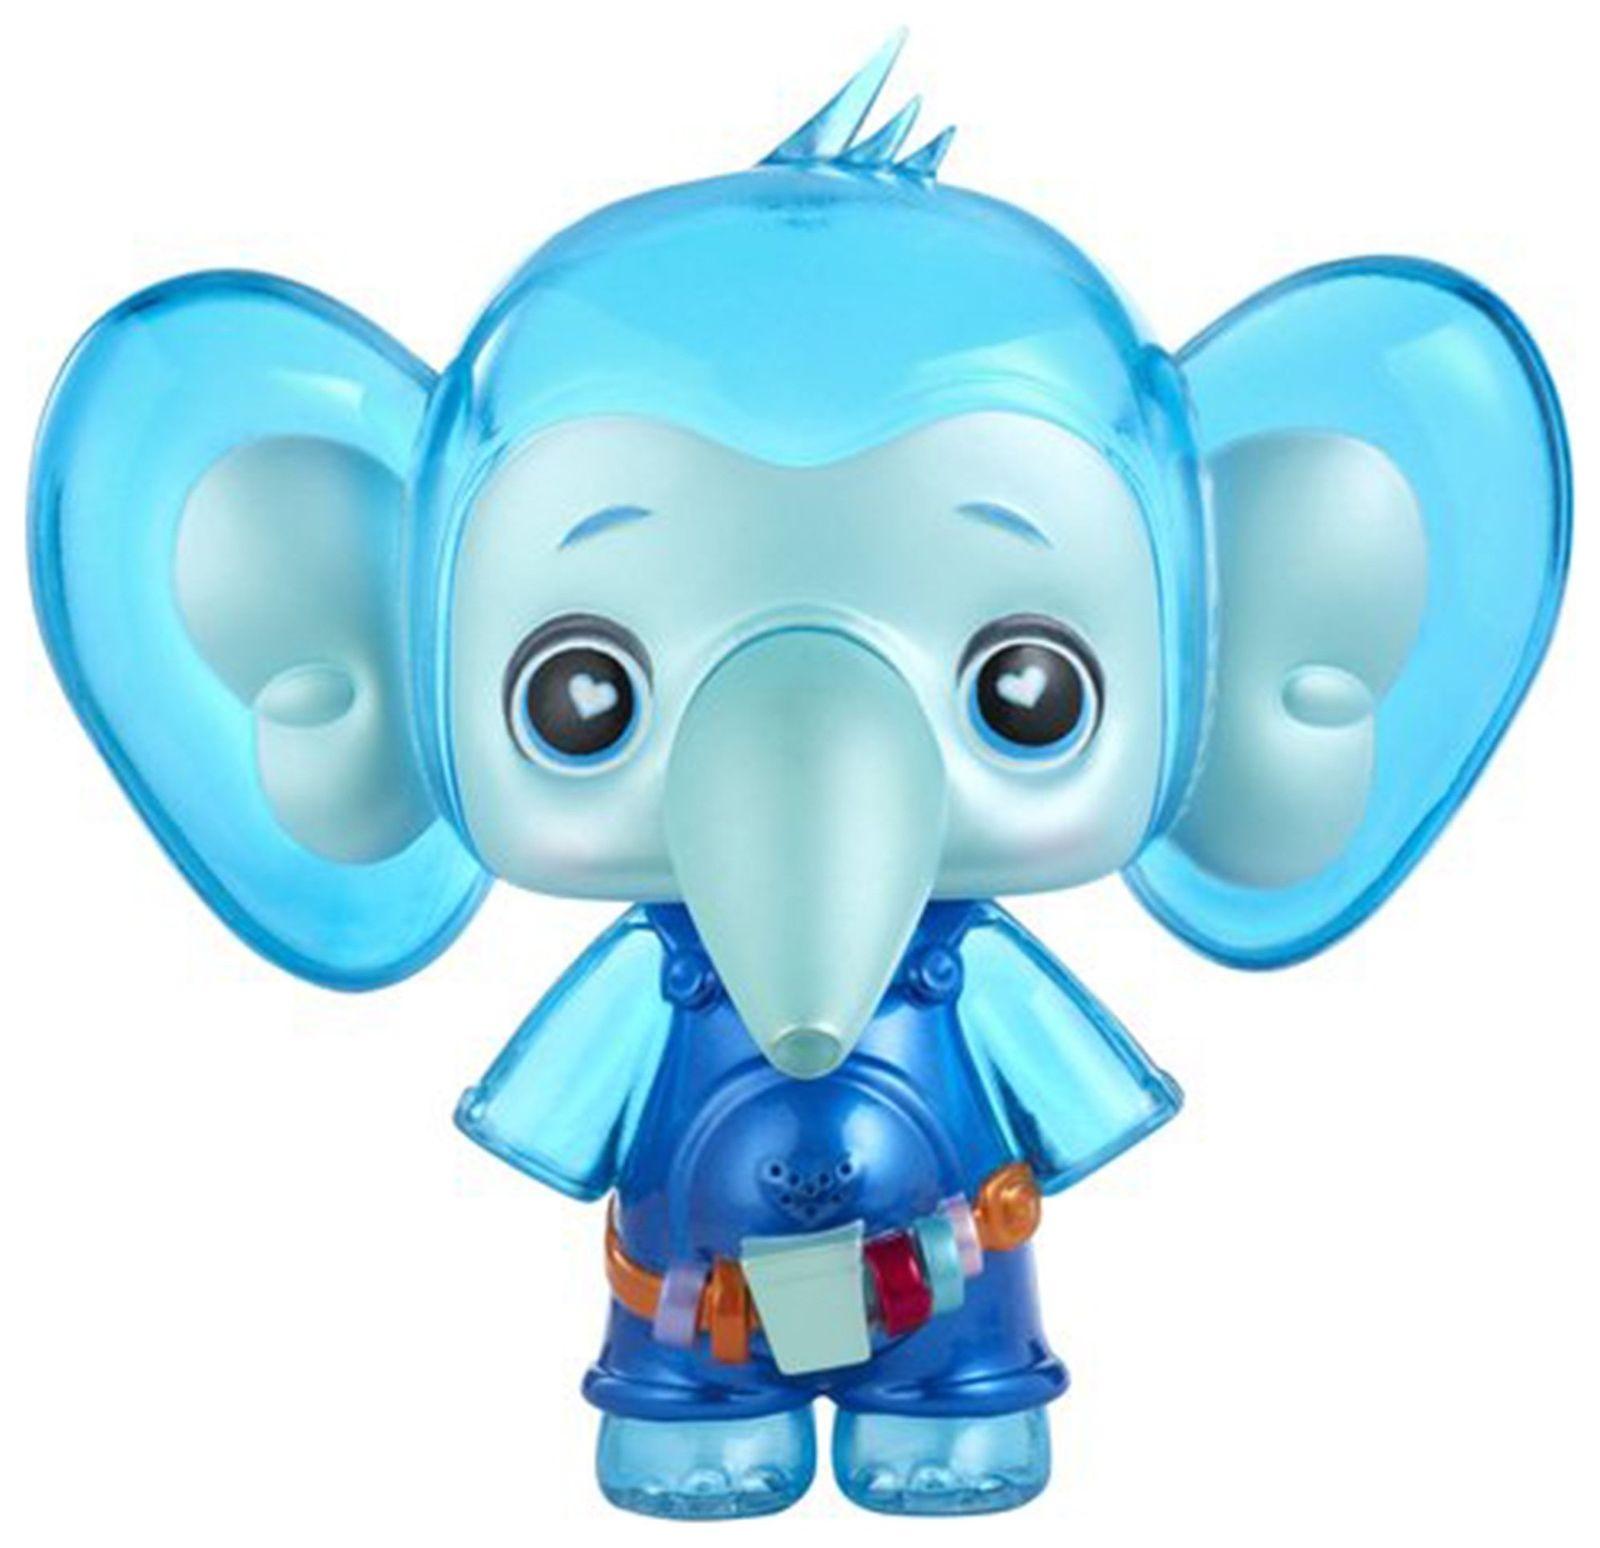 Little Tikes Squeezoos Tuf-Tuf Tusks Large Elephant - £6.99 @ eBay Argos (free delivery )